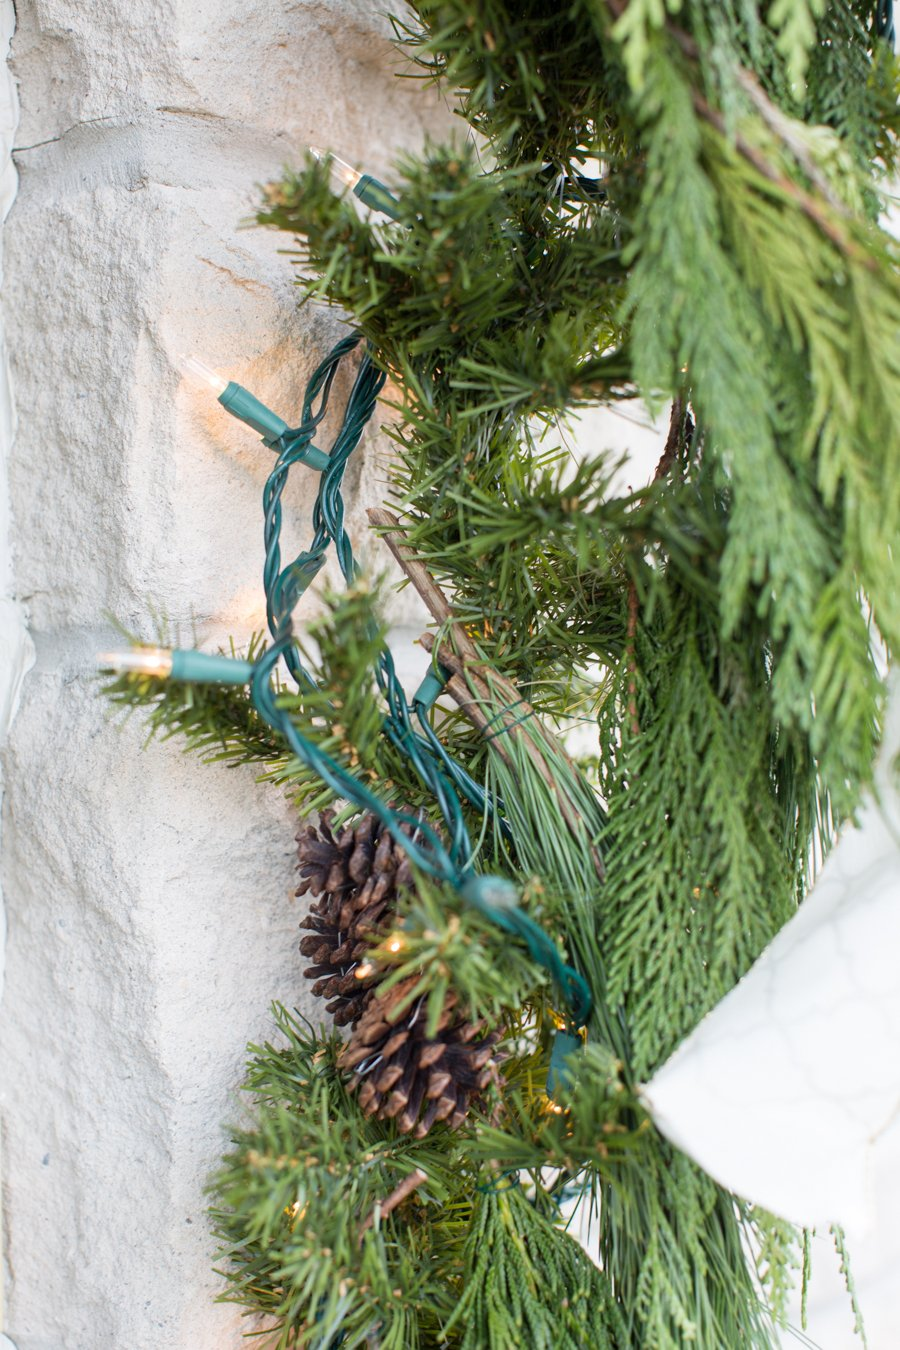 Weihnachtsdeko draußen: Girlande aus immergrünen Pflanzen, Lichterkette und Tannenzapfen